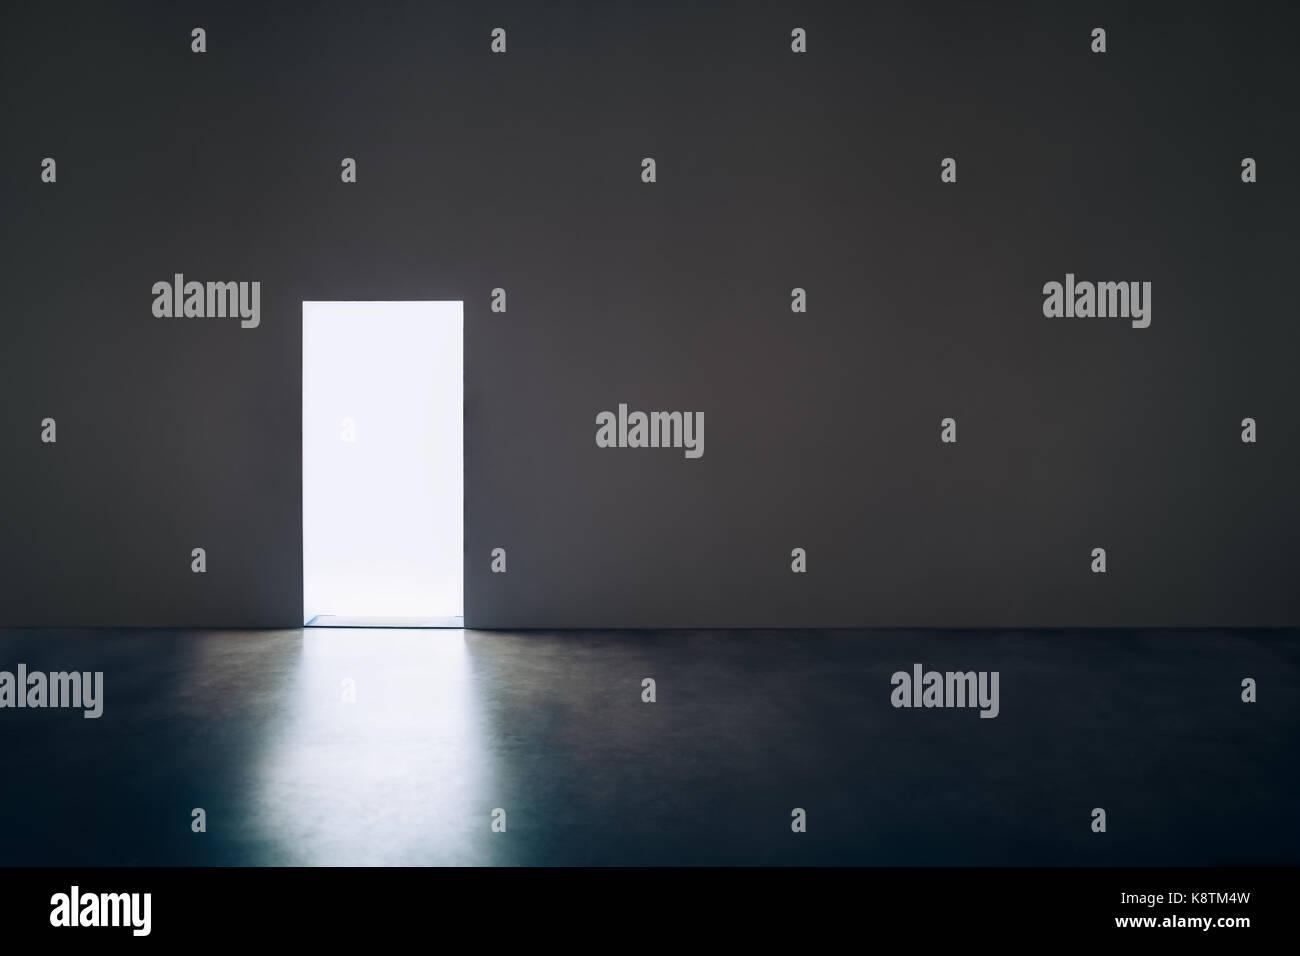 Porta di luce nella stanza buia.concetto di speranza Immagini Stock